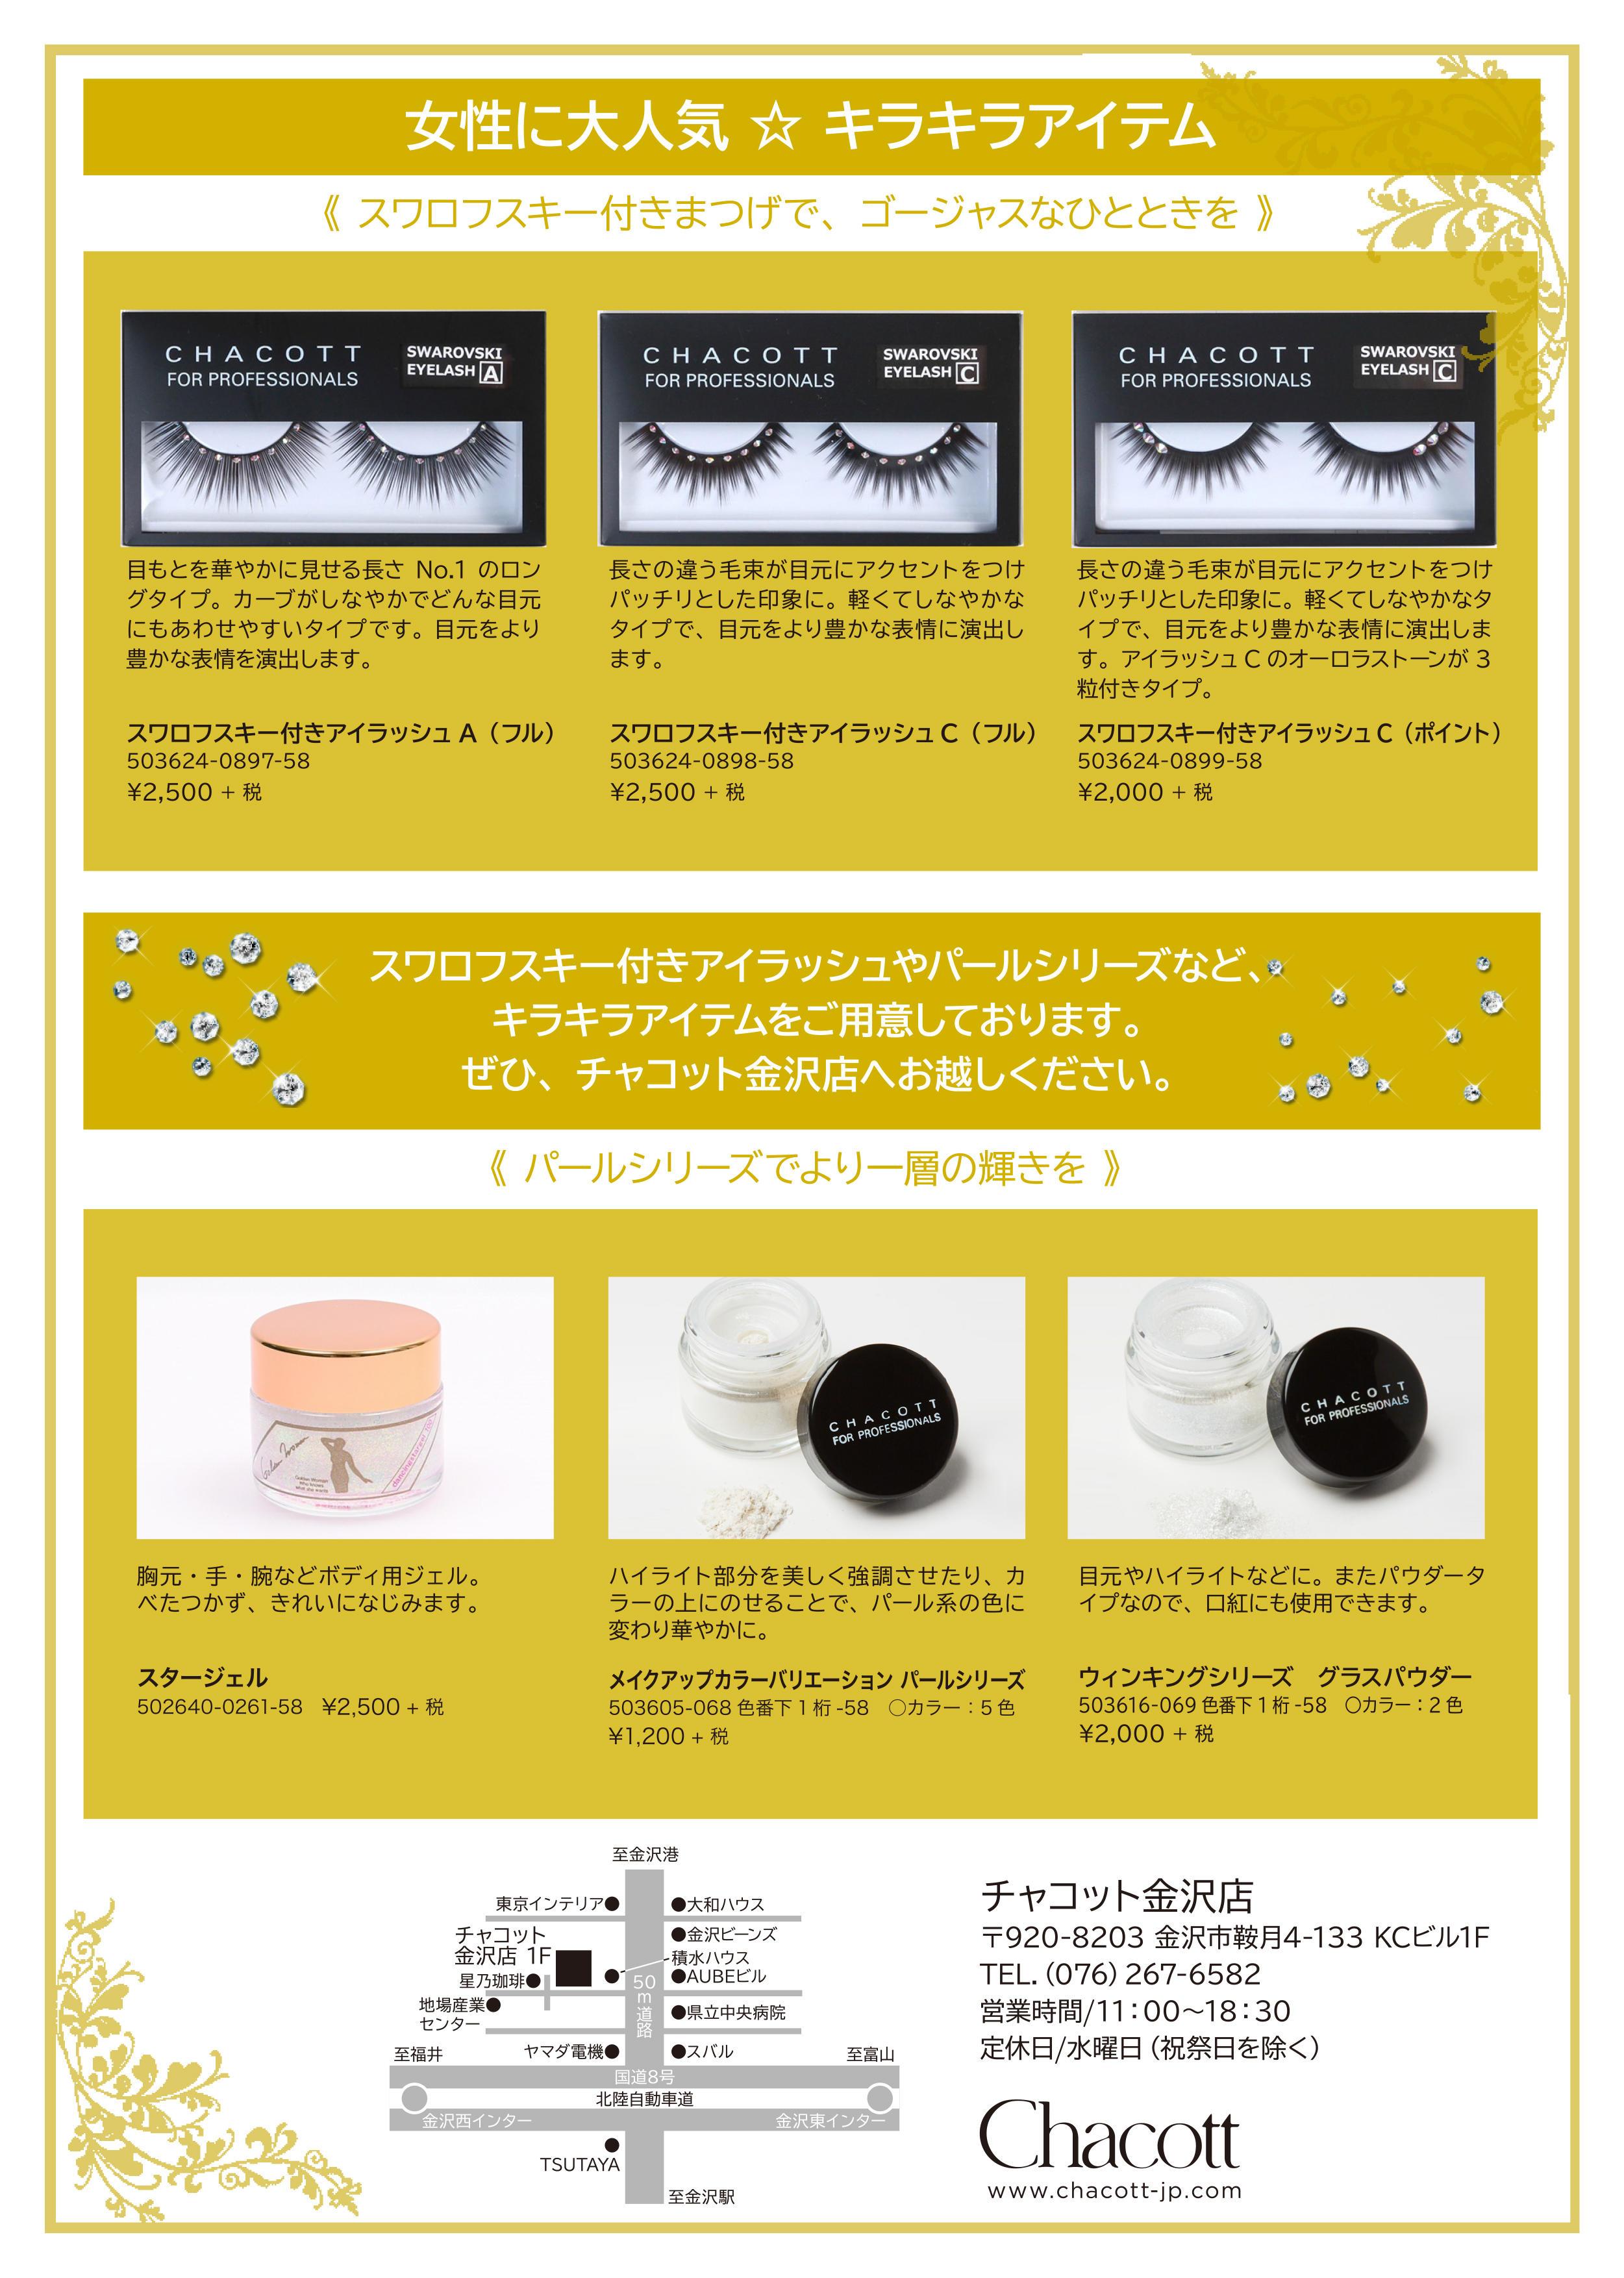 kanazawa_makeup_190312.jpg